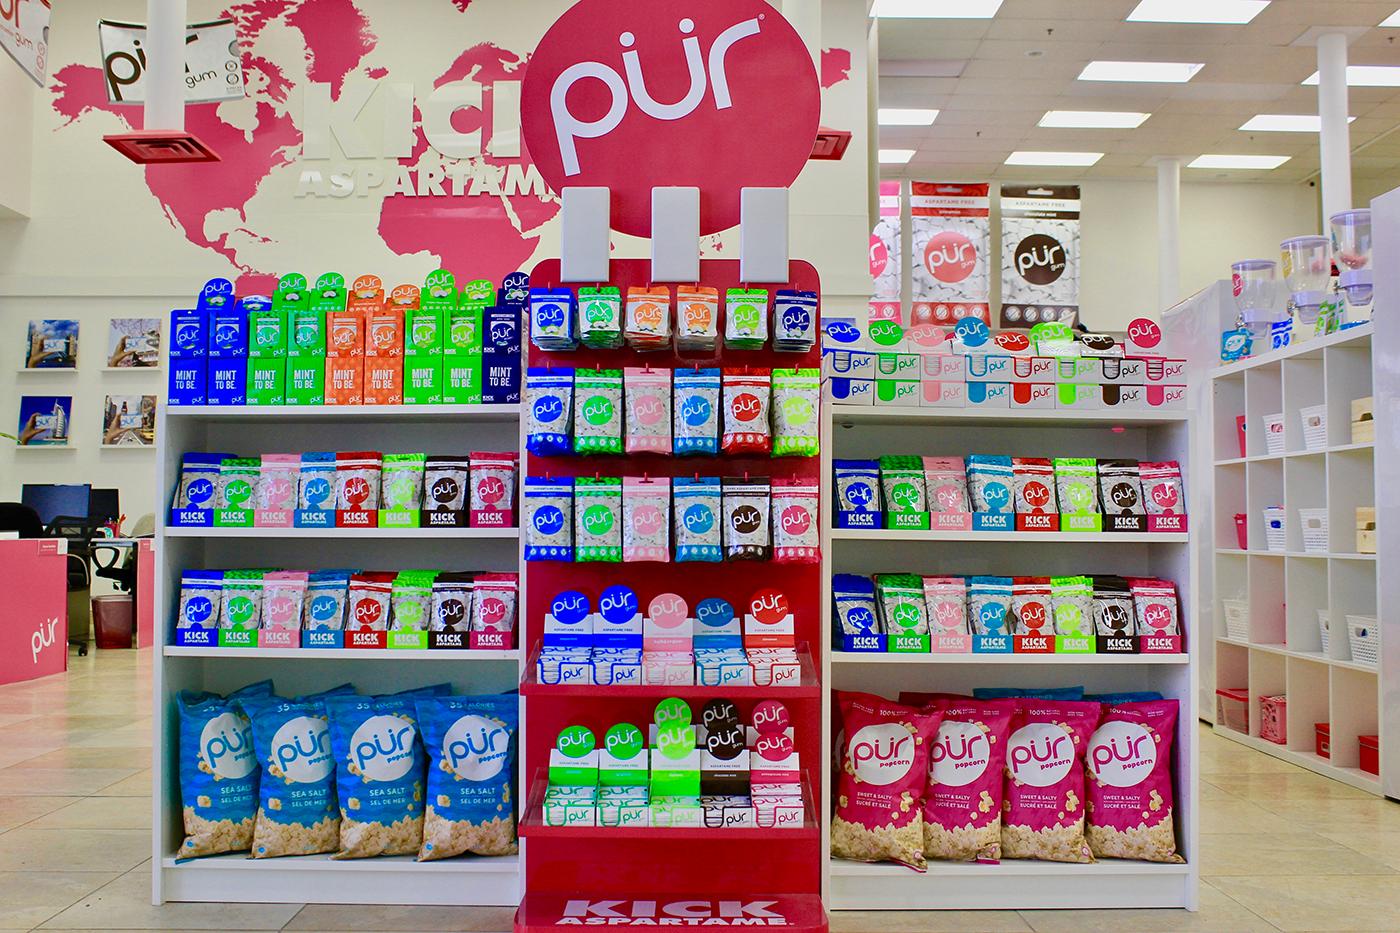 Abbildung von kulinarischen Produkten in einem PUR-Einzelhandelsaufsteller